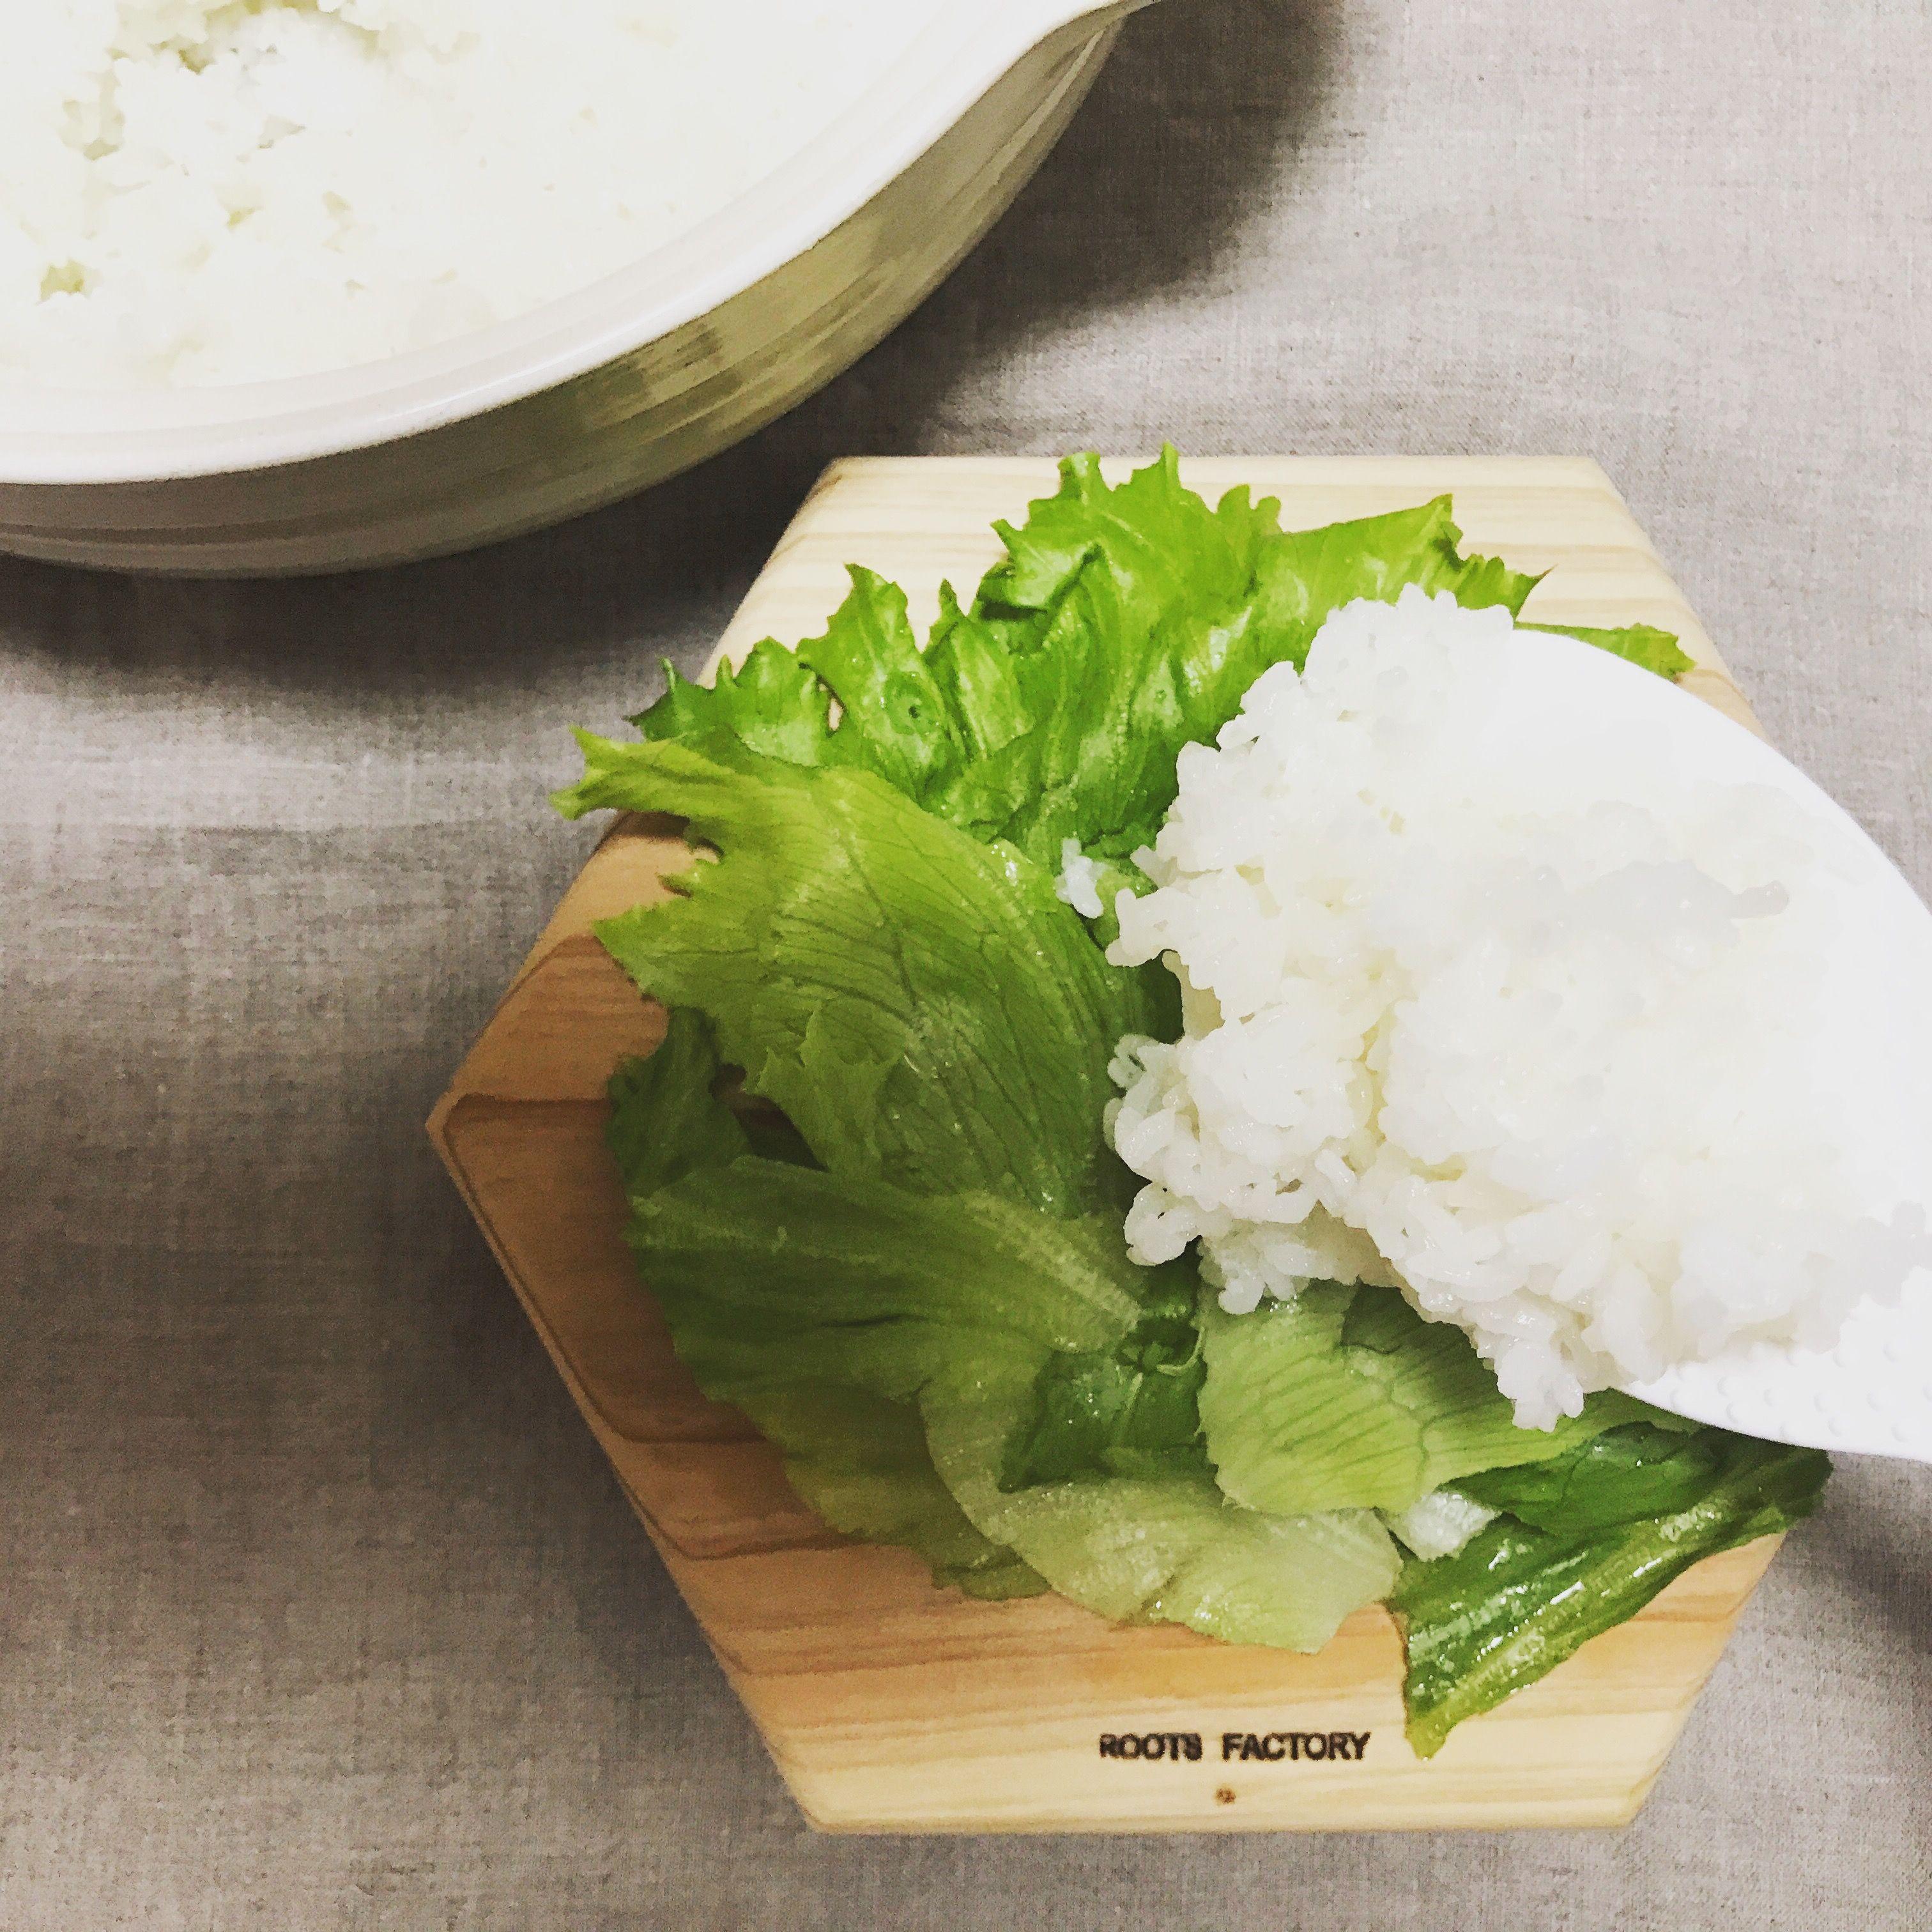 六角太郎にレタスをしき、ご飯を盛る